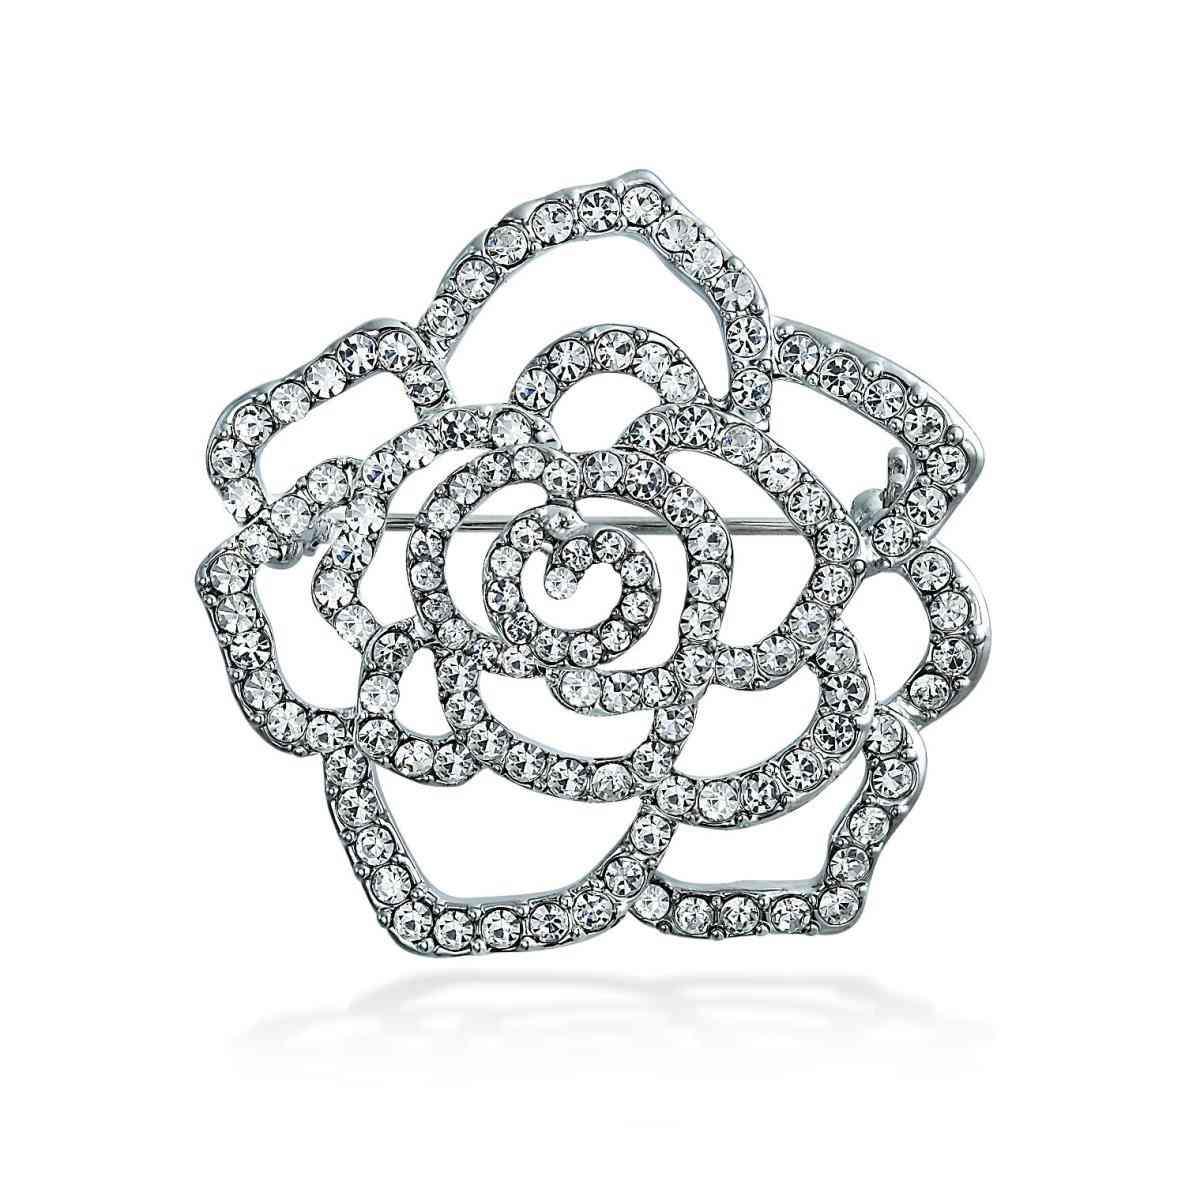 1185x1185 Brooch Rose Pin Tattoo Design Butterfly Lily Stencil U Flash